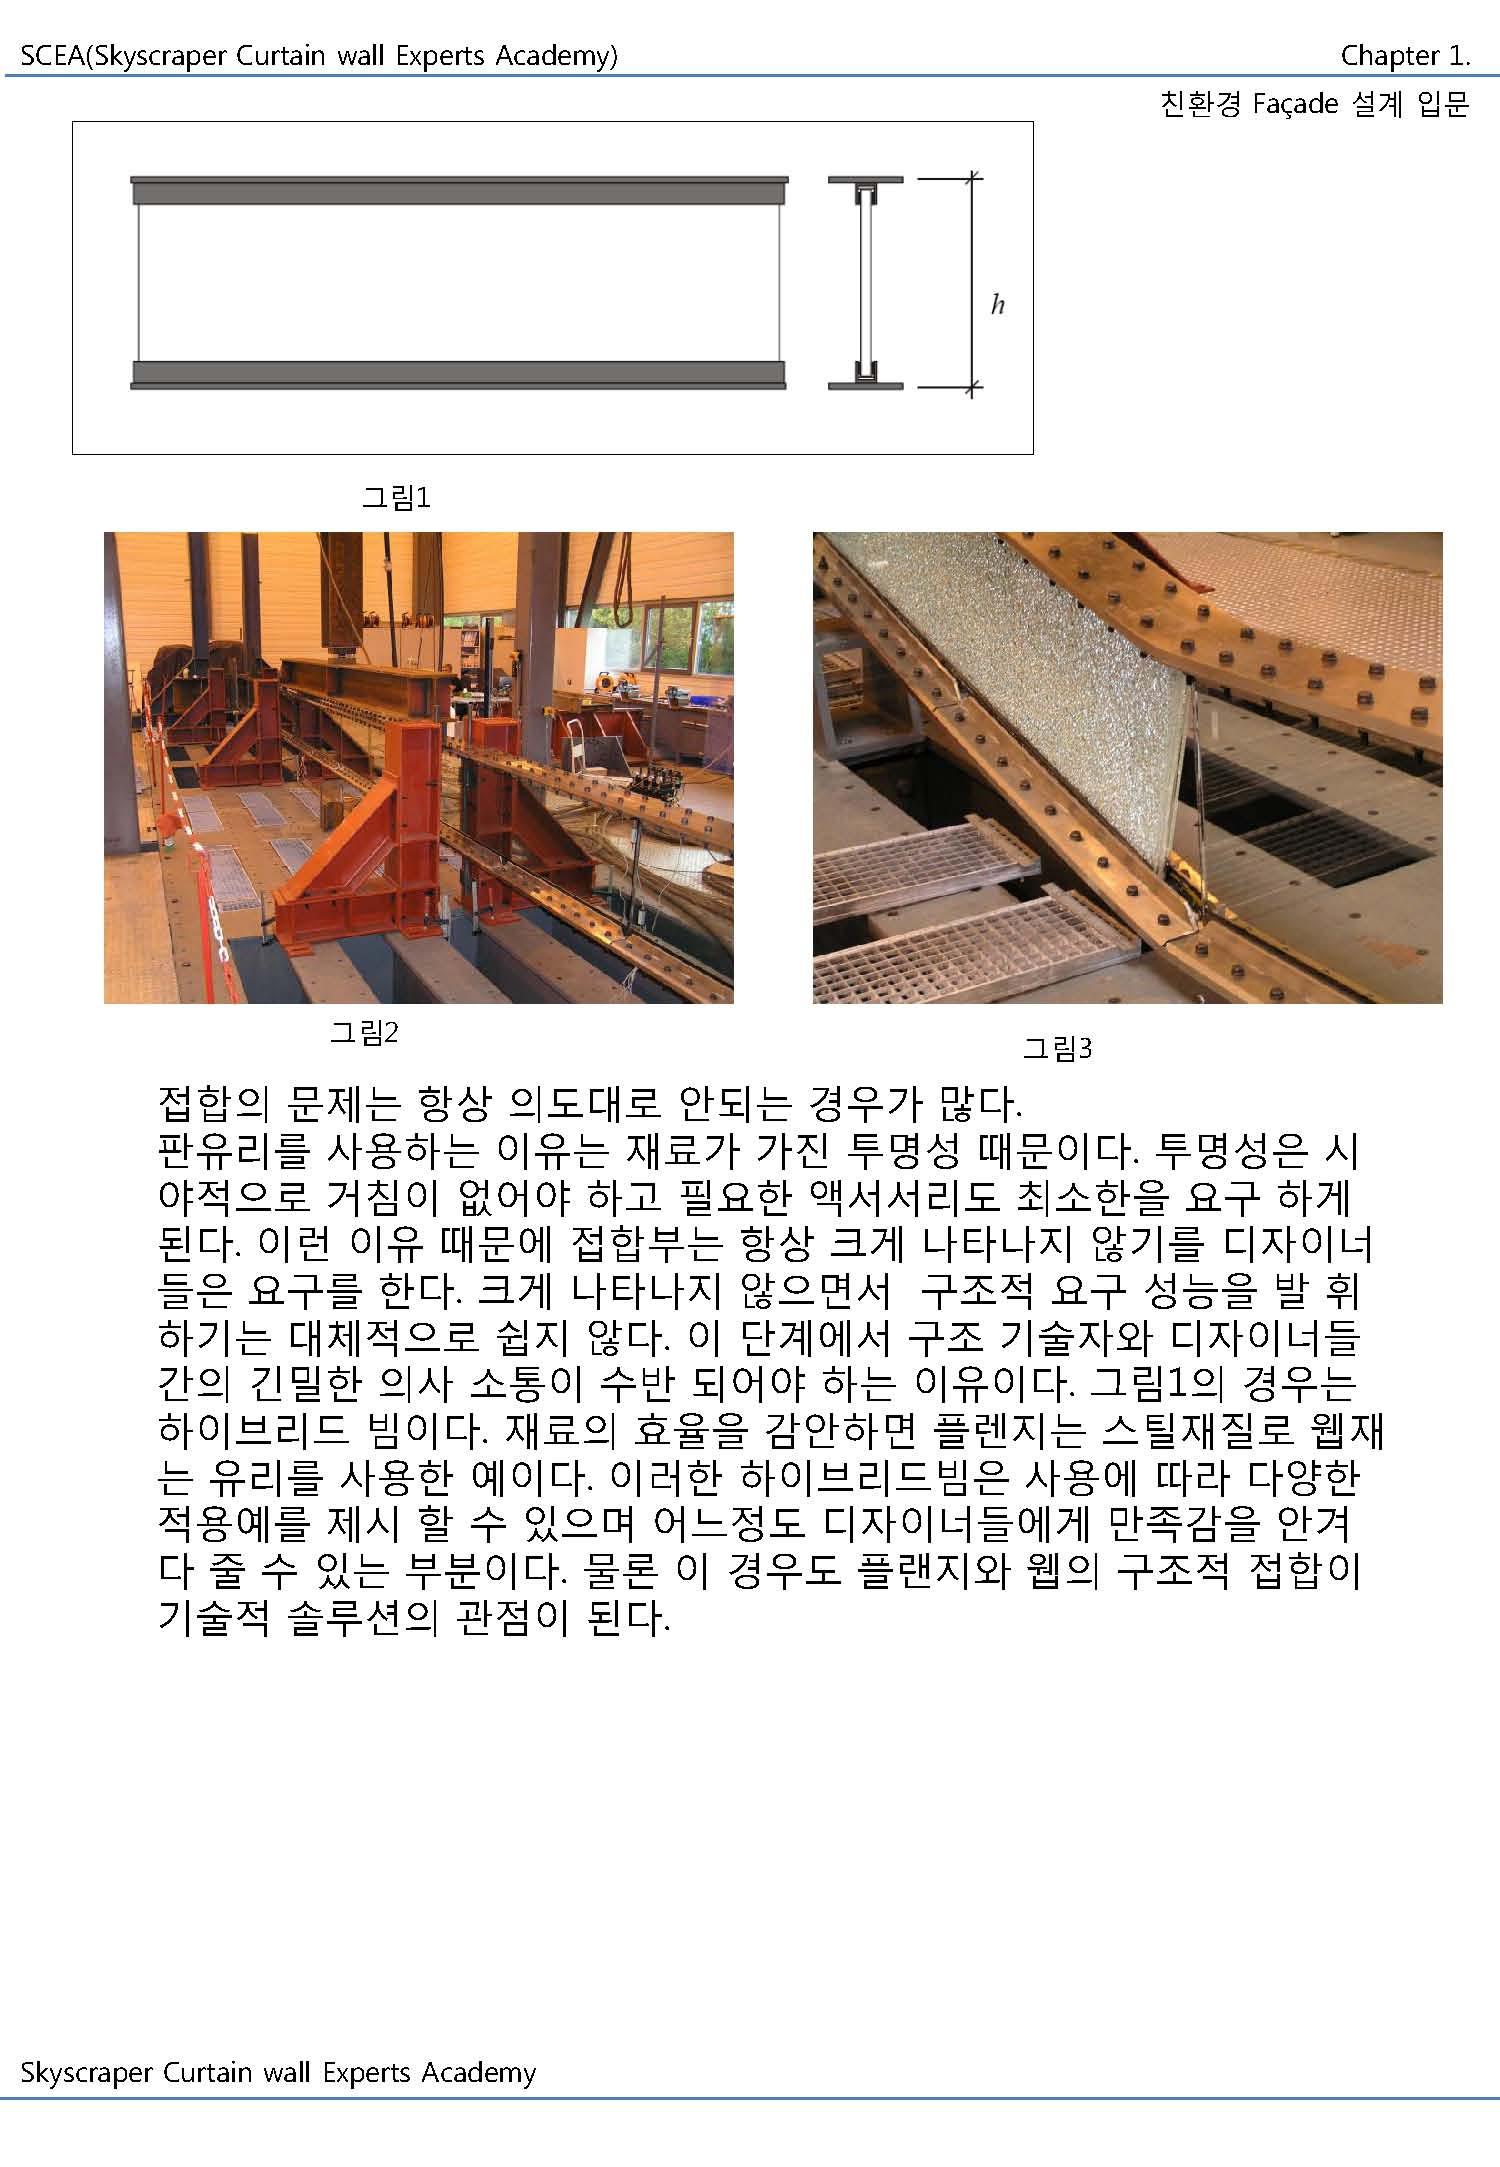 구조용 유리시스템의 설계 및 시공_페이지_007.jpg